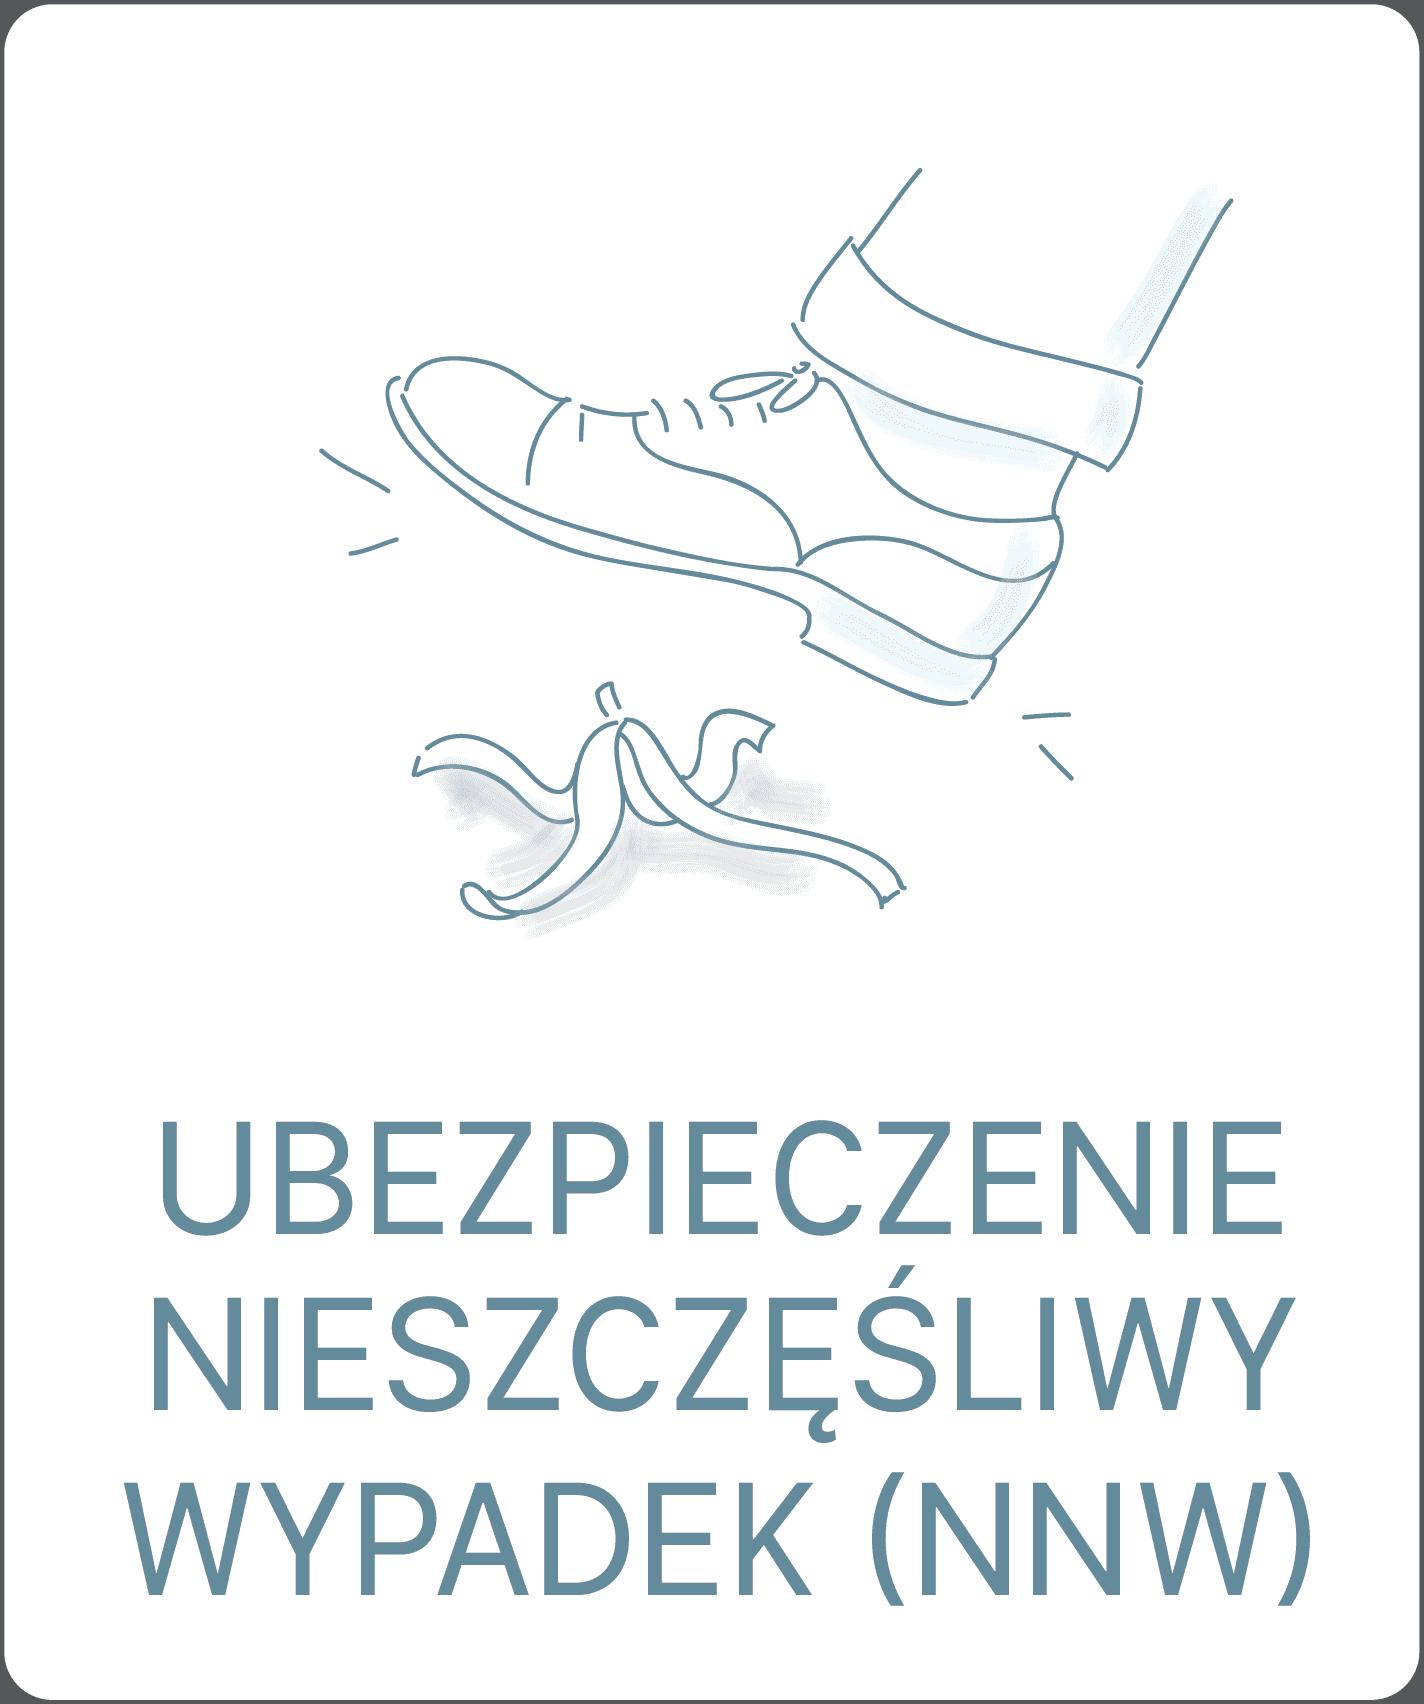 ubezpieczenie nnw